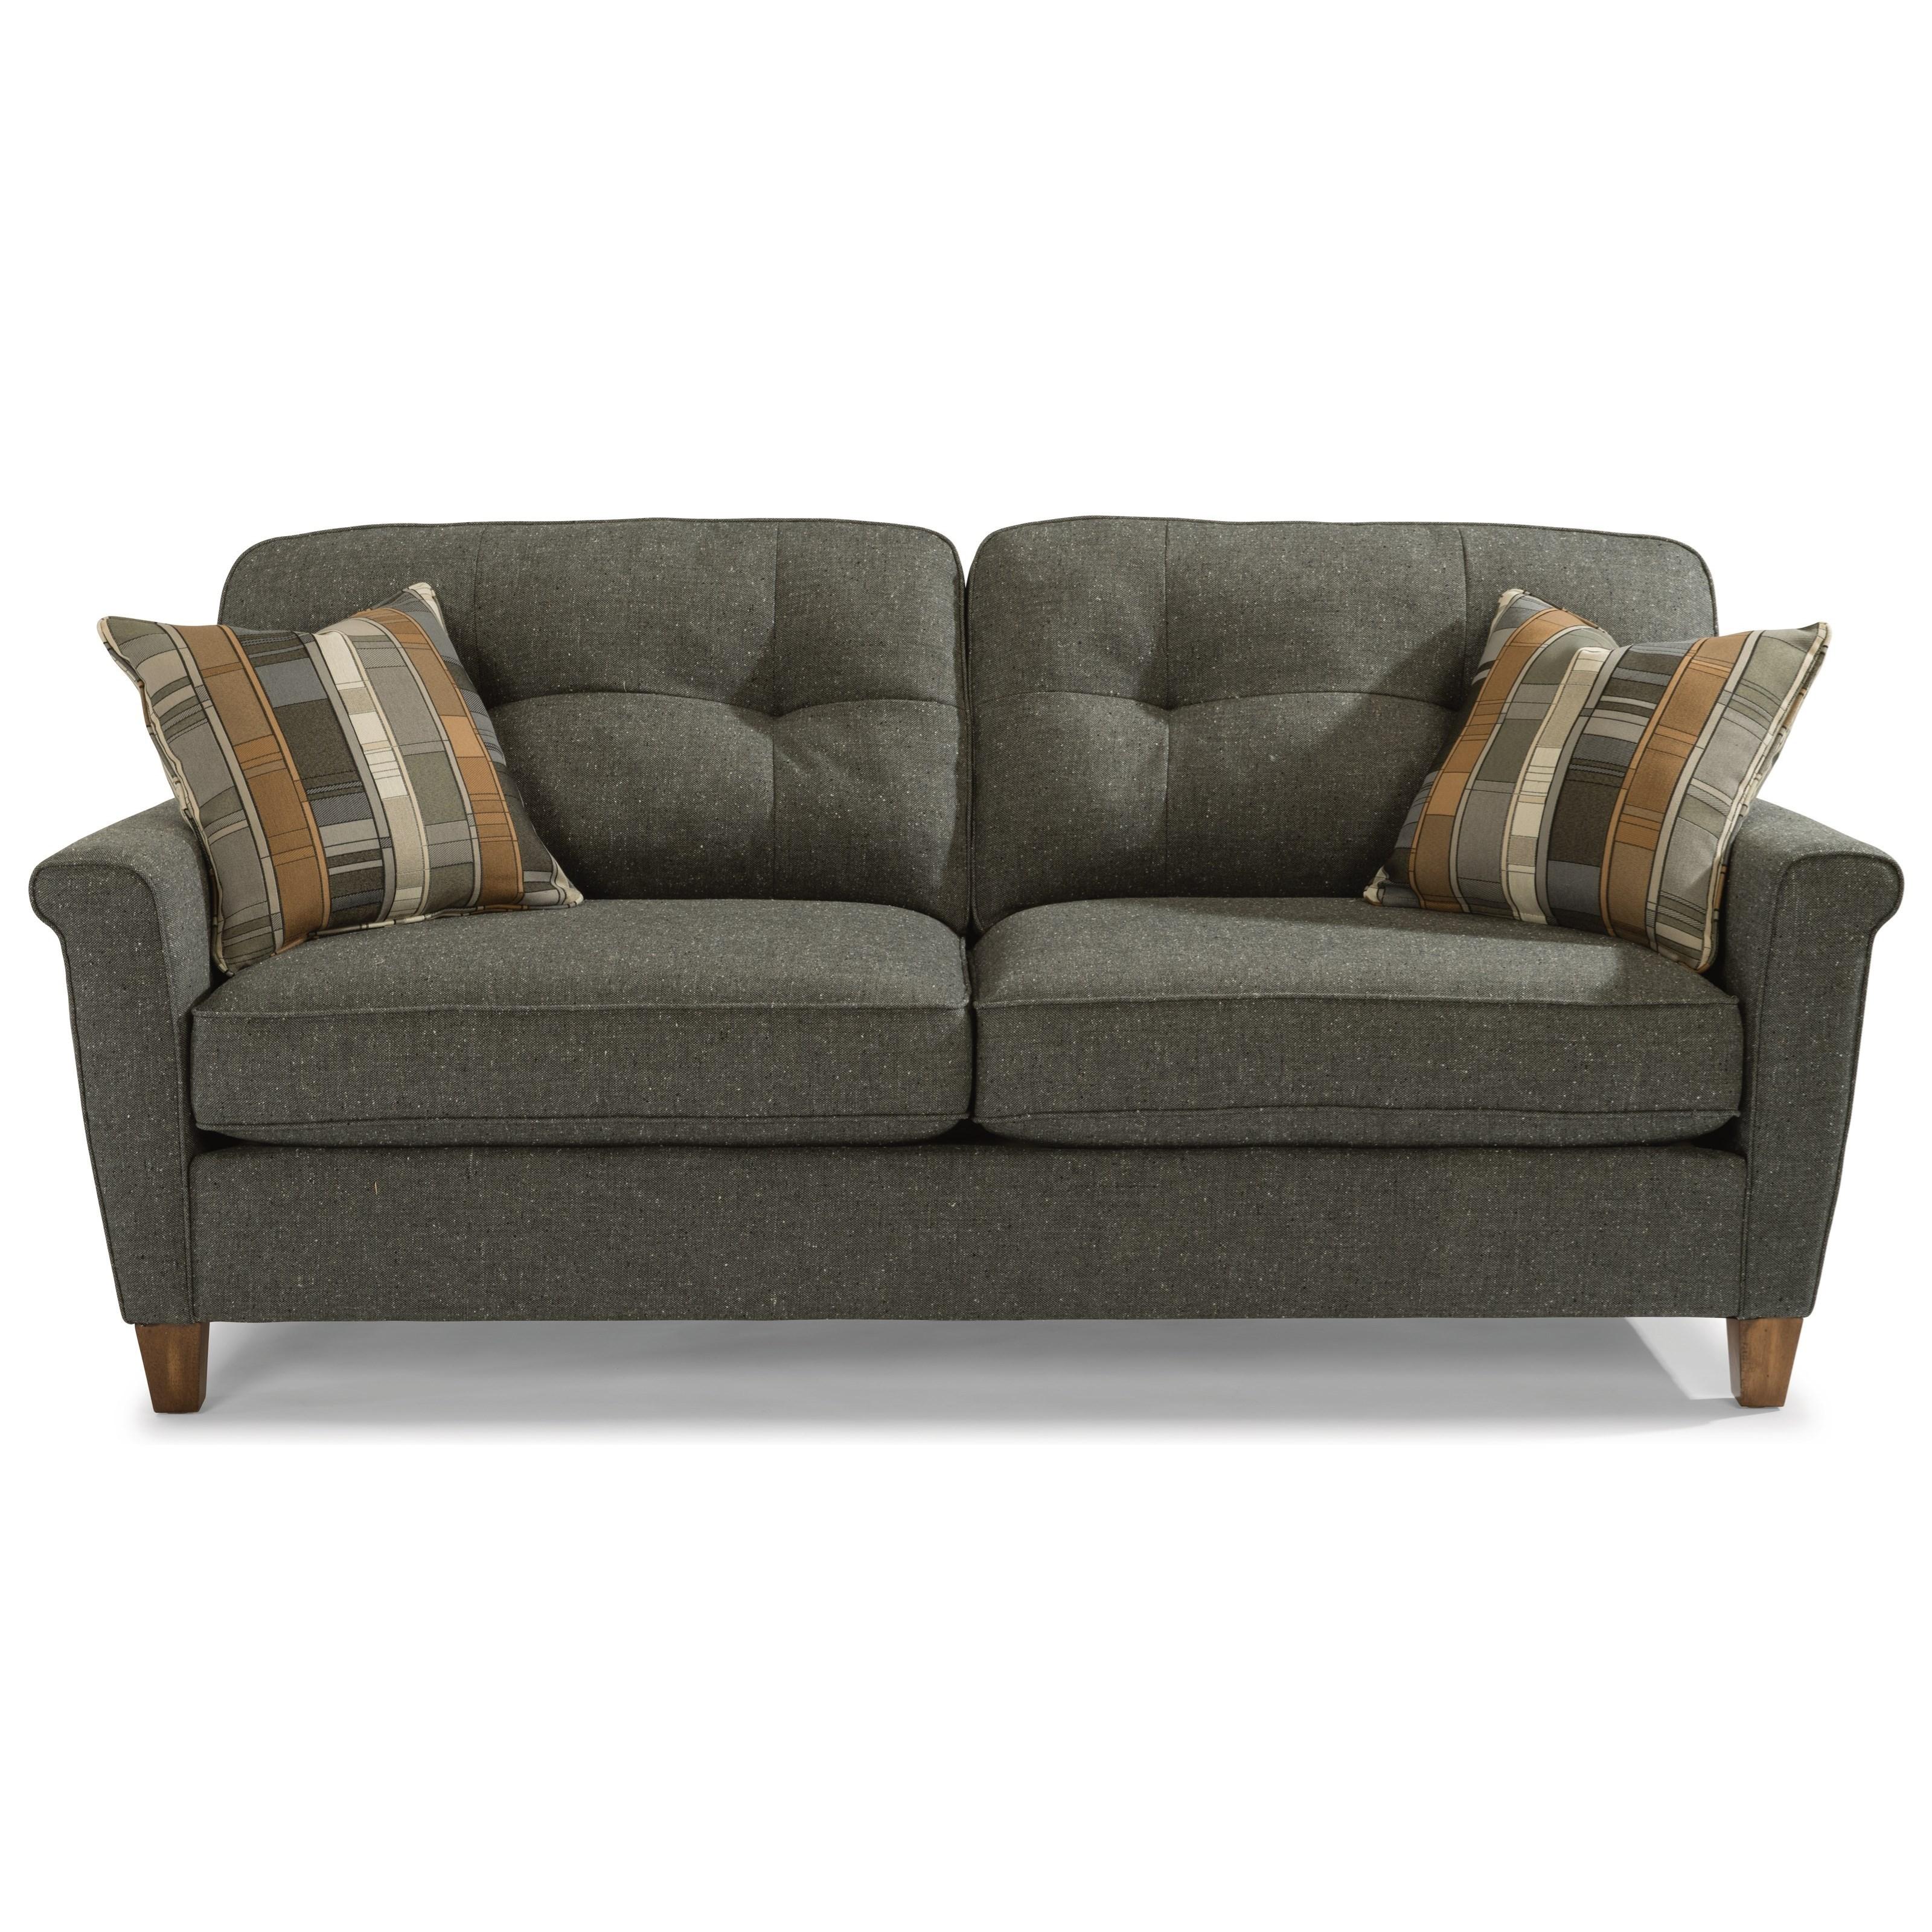 Flexsteel Elenore Sofa  - Item Number: 5112-31